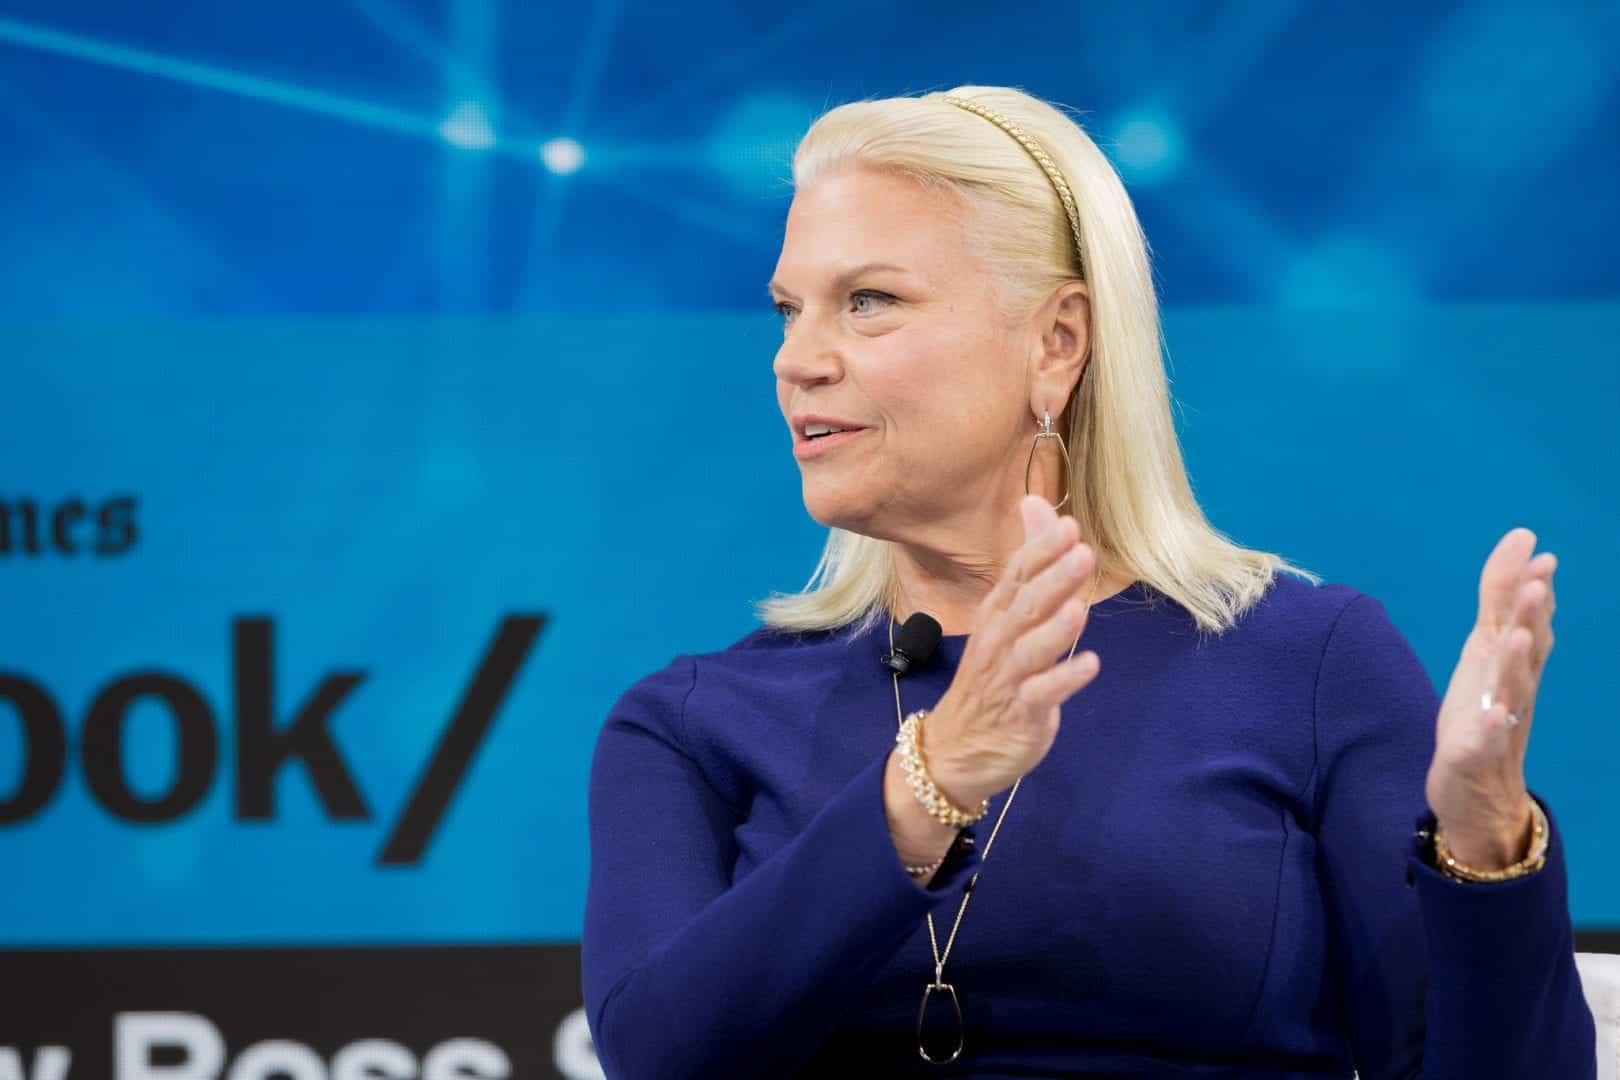 Empreendedorismo feminino - 5 mulheres que se destacam na área